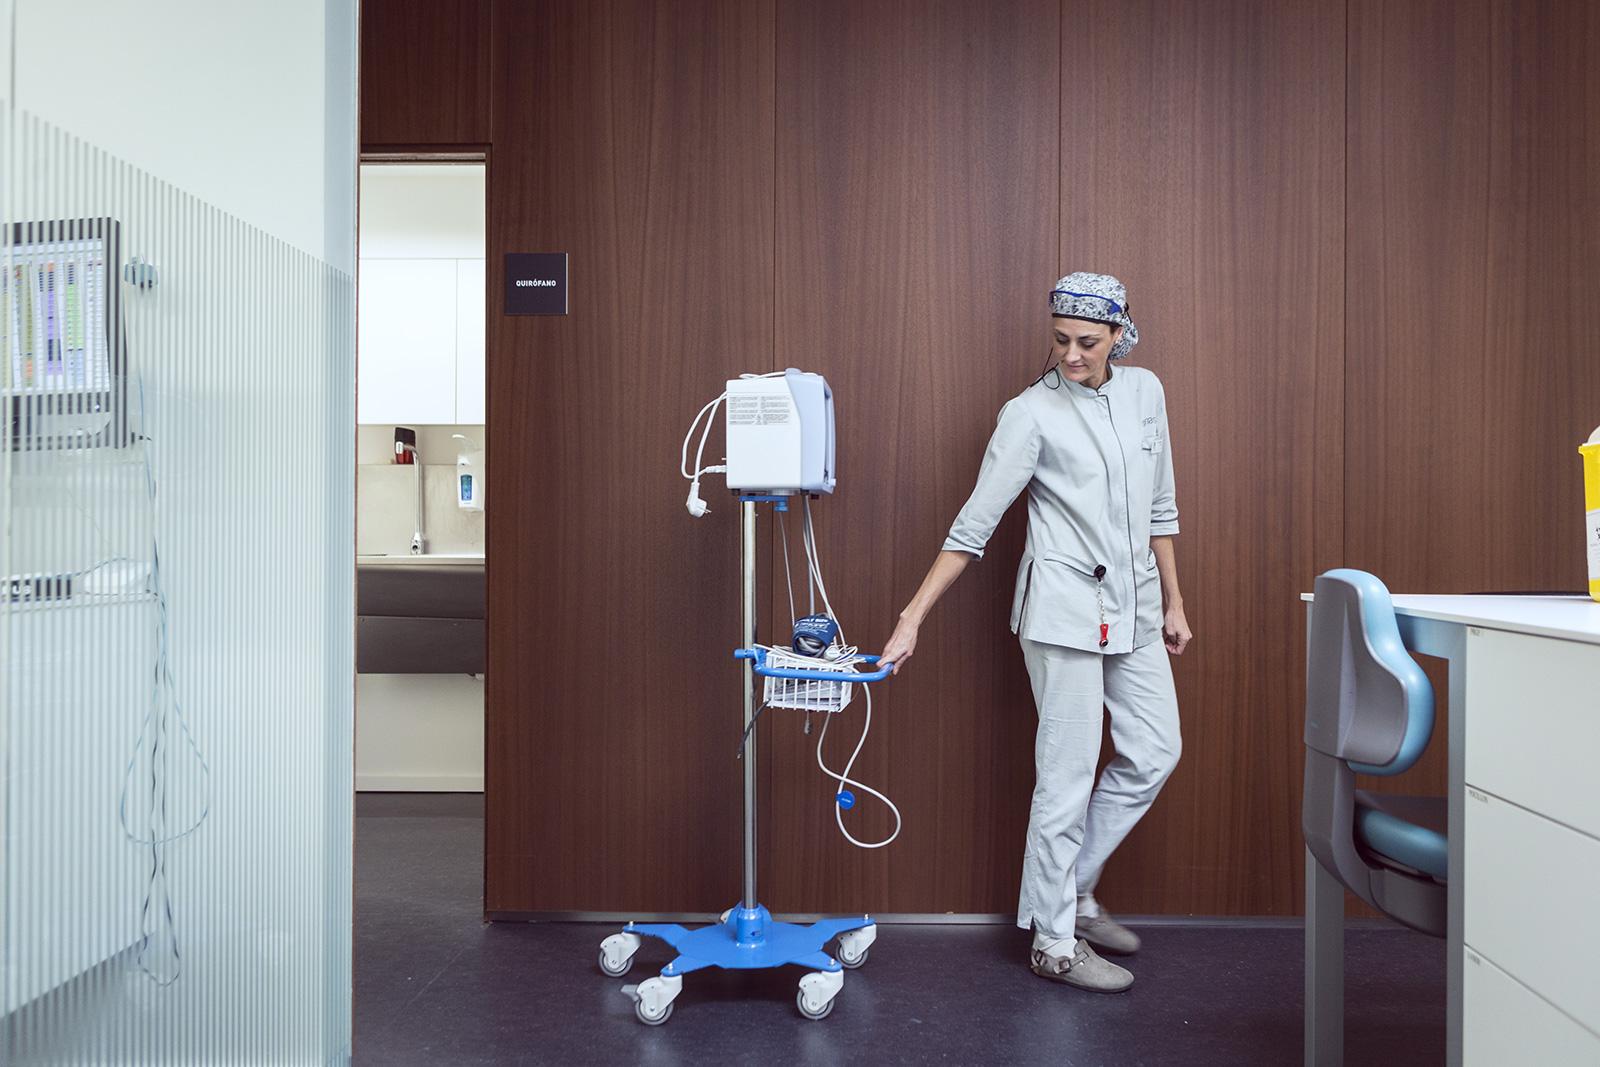 """Estefanía Gutiérrez, paciente de Sannas: """"En tres horas y media pude hacerme todos los tratamientos que tenía programados"""""""